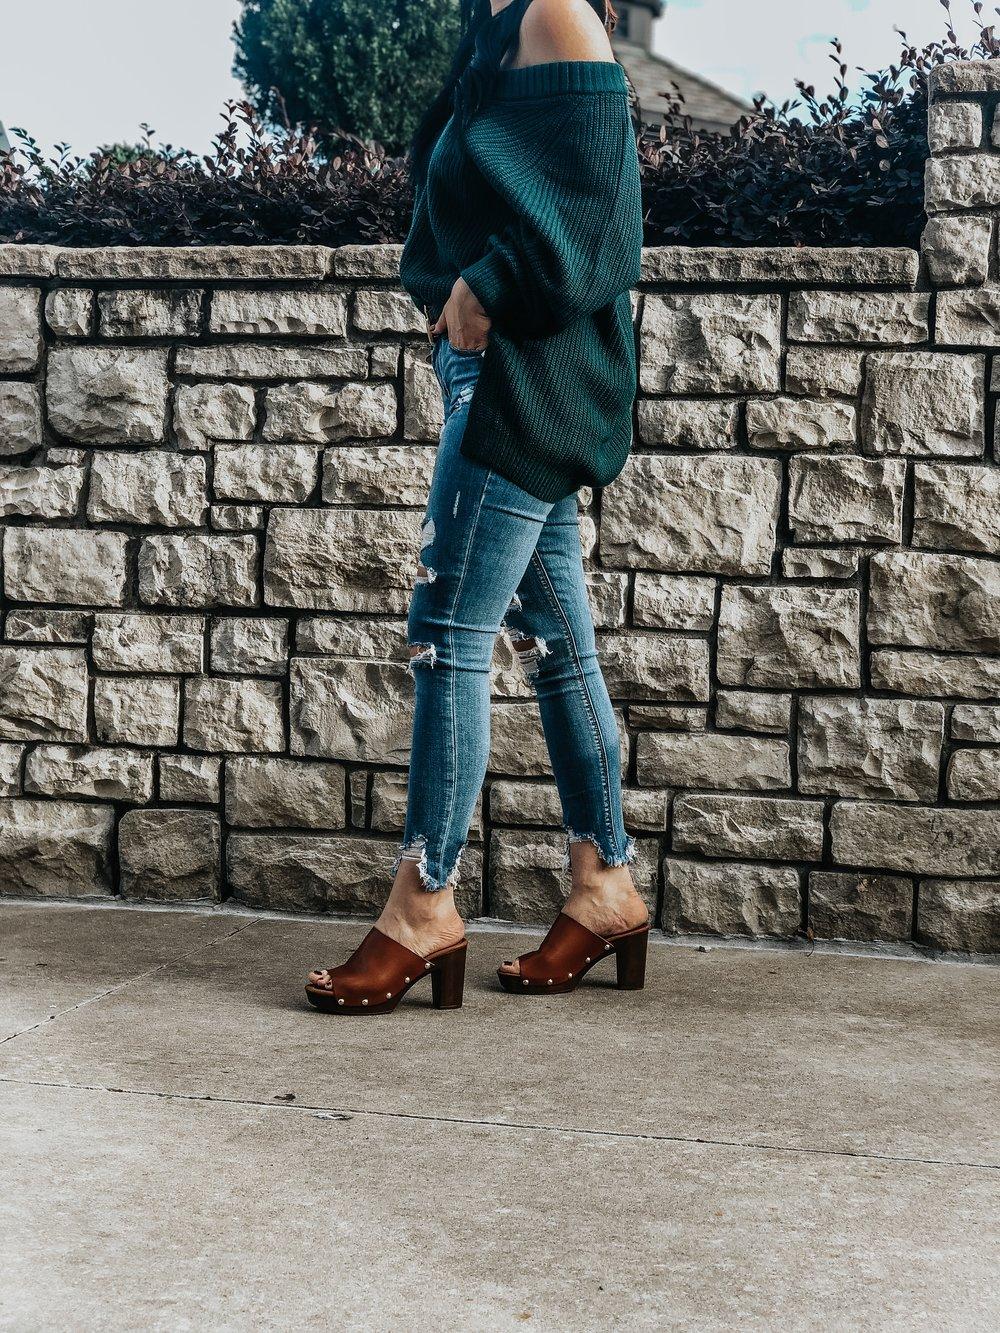 Running In Stilettos Blog - Emerald Vibes